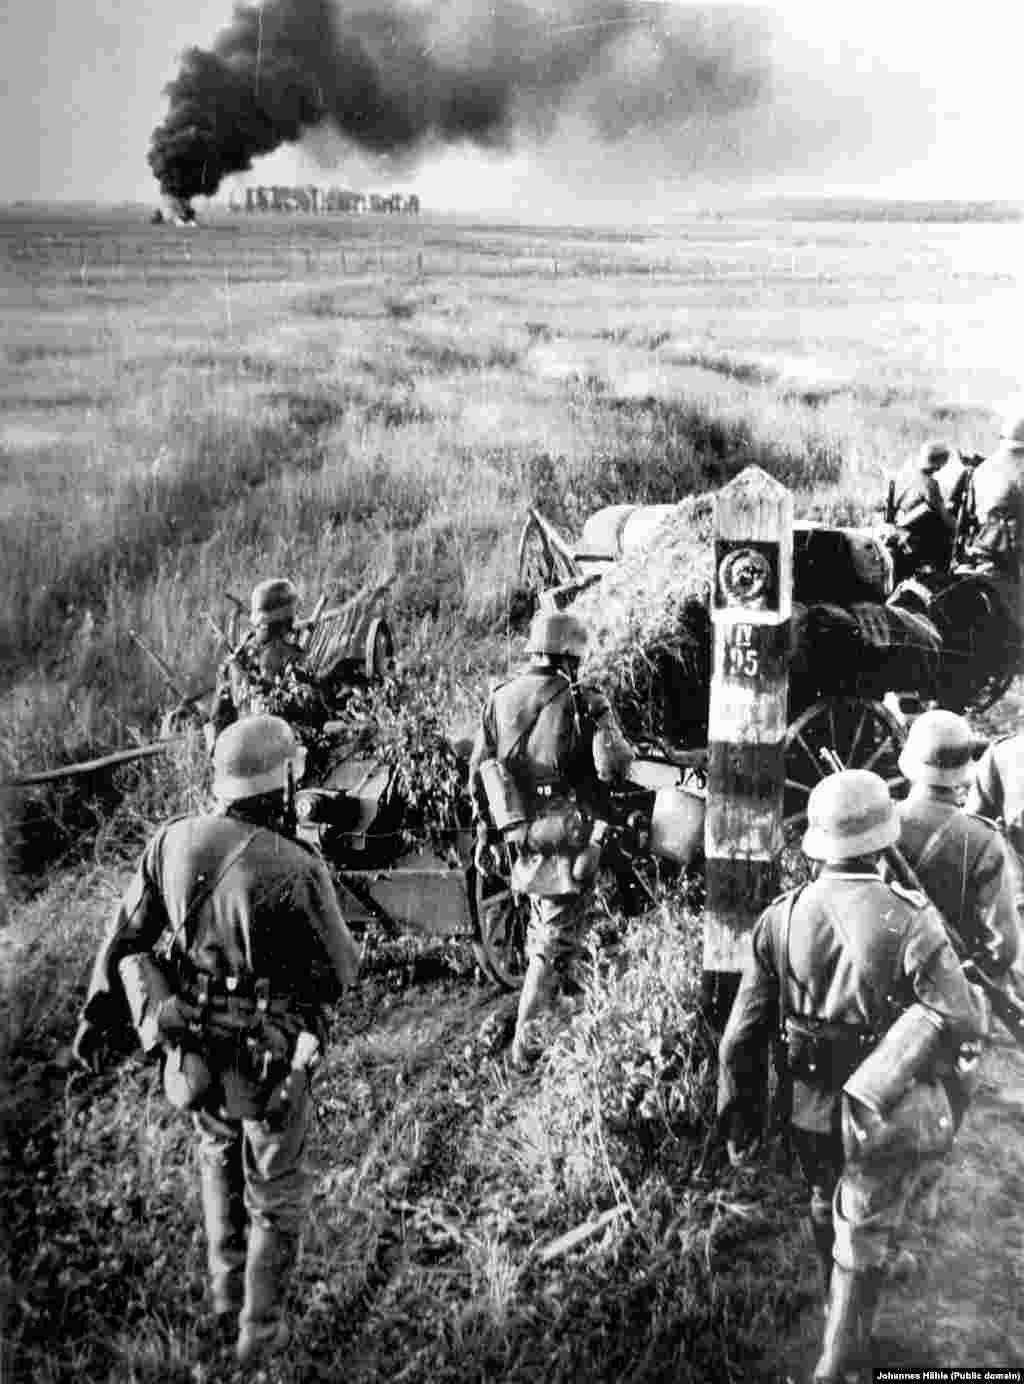 Это фото - немецкие солдаты, проносящие пушку мимо советского пограничного знака - одно из первых изображений, сделанных во время операции Барбаросса, нападения на Советский Союз, которое началось на рассвете 22 июня 1941 года.